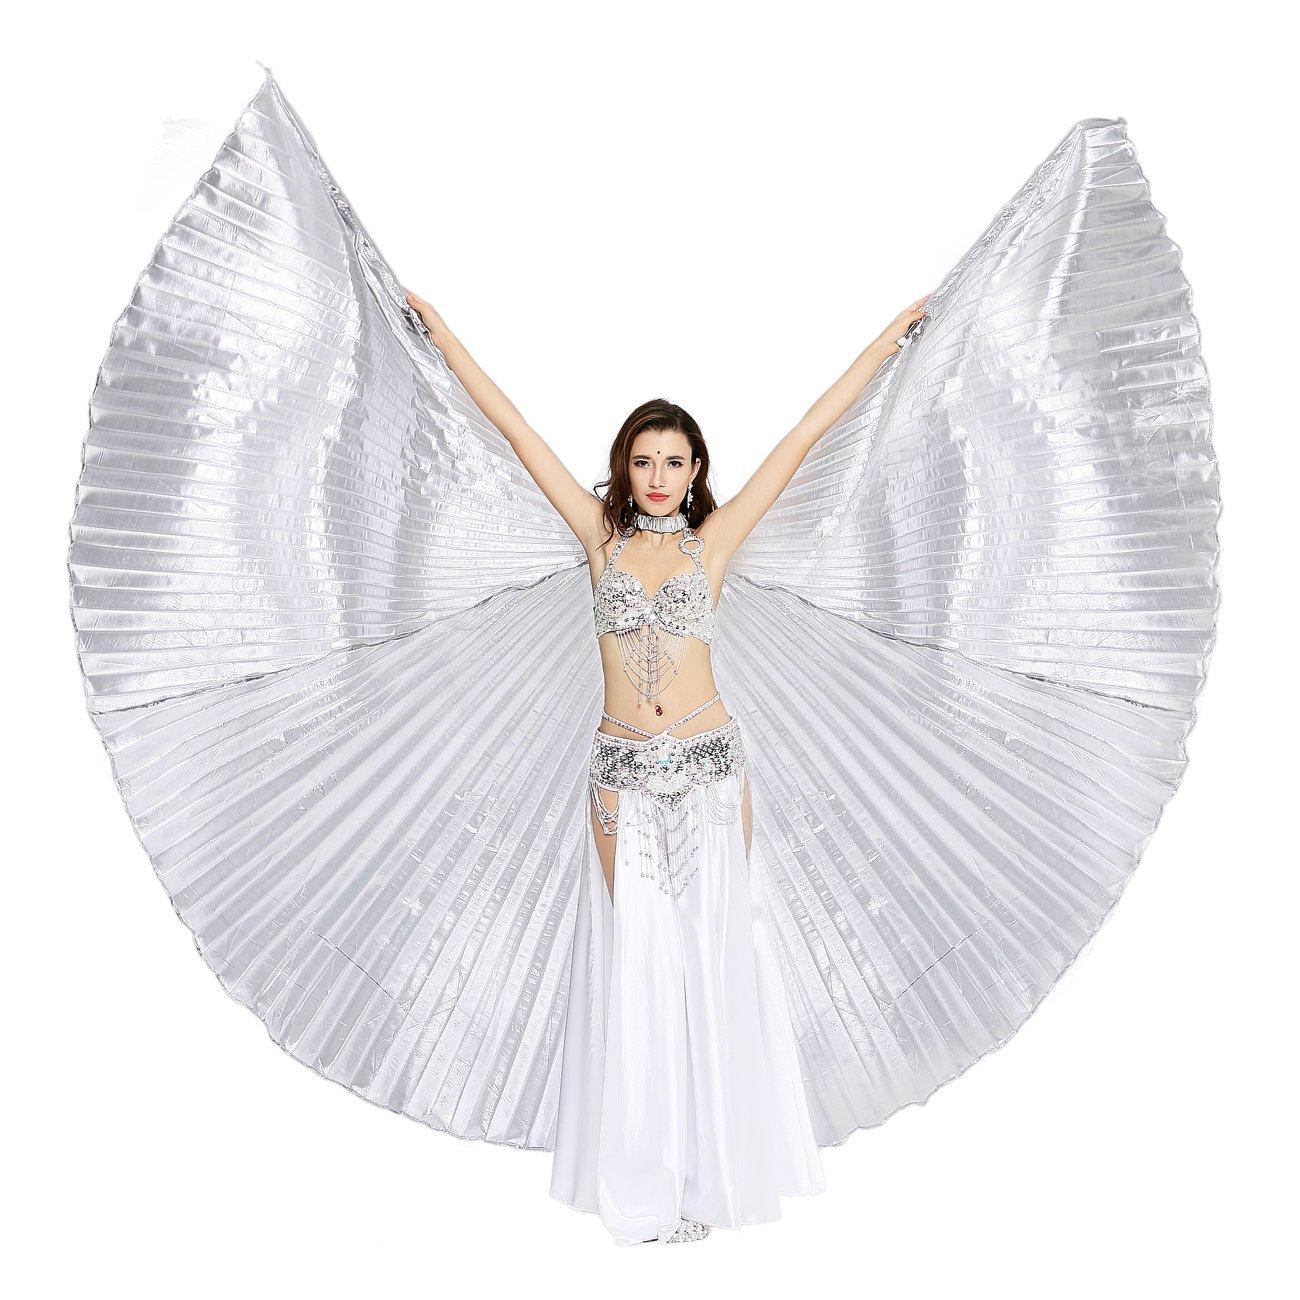 Dance Fairy Danza del Ventre Iside ali Costume di Halloween Con Bastoni/Bacchette, Turquoise